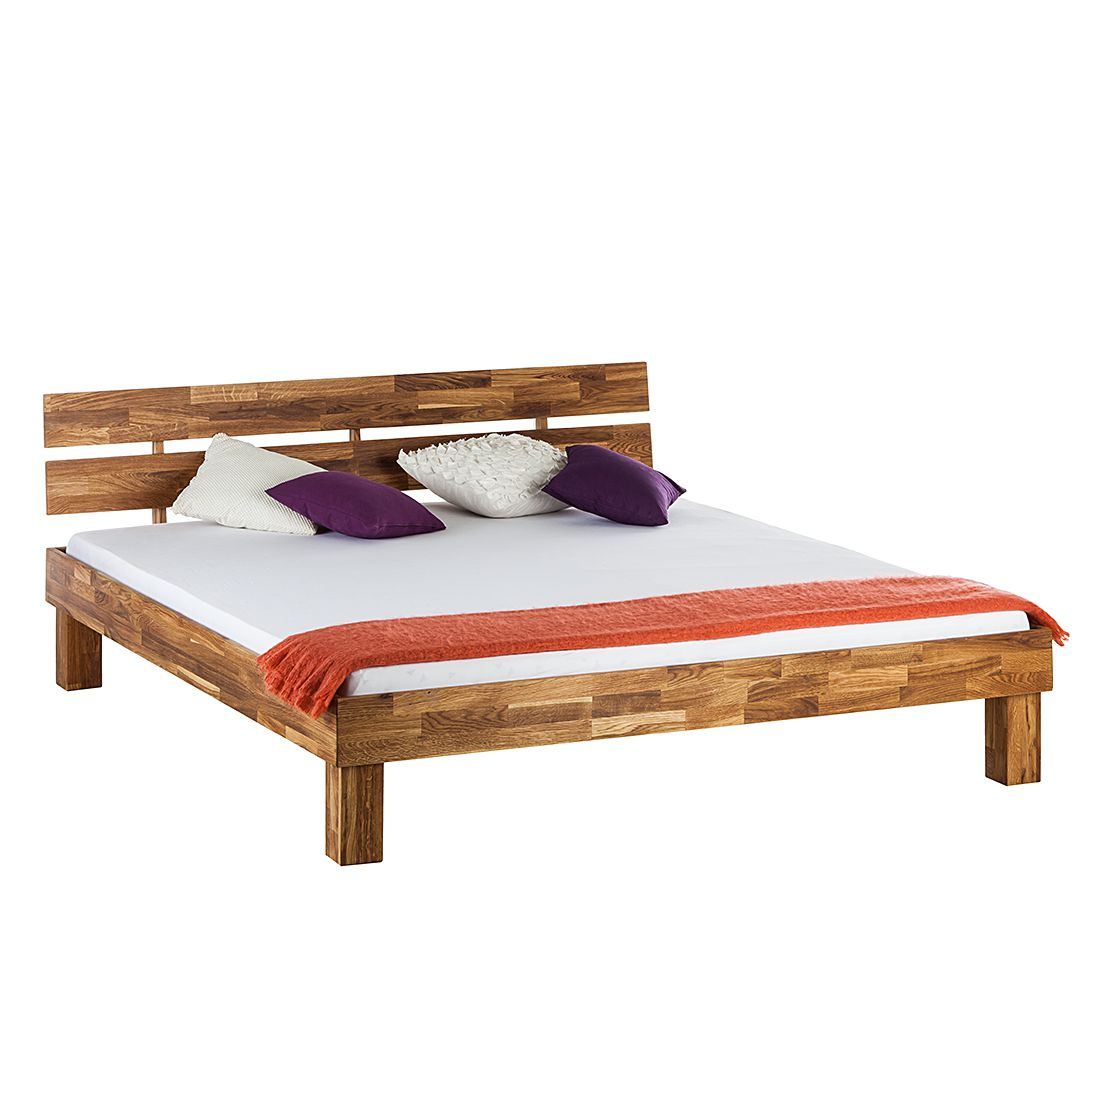 17 Sparen Massivholzbett Areswood 140x200 Cm Von Ars Natura Nur 249 99 Cherry Mobel Home24